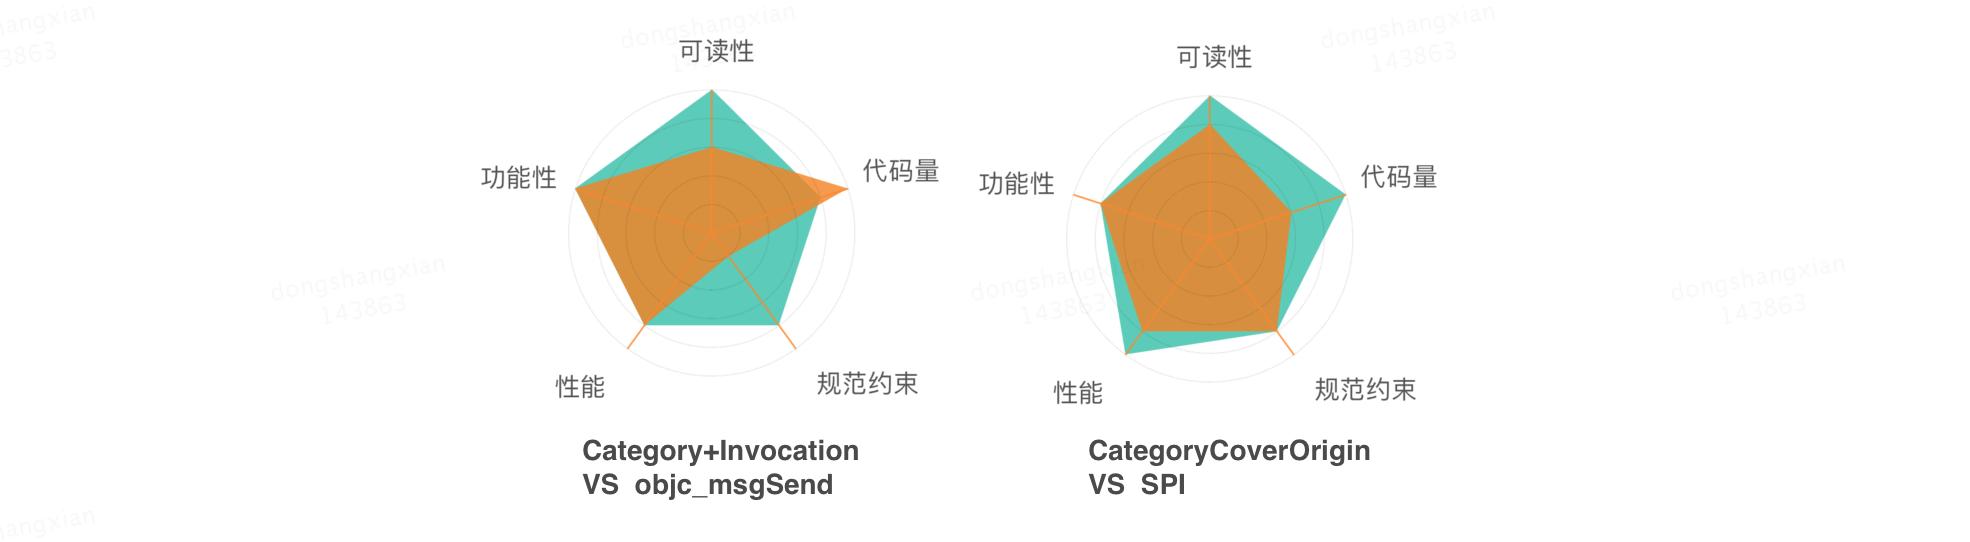 图2-2 两种演化方案对比